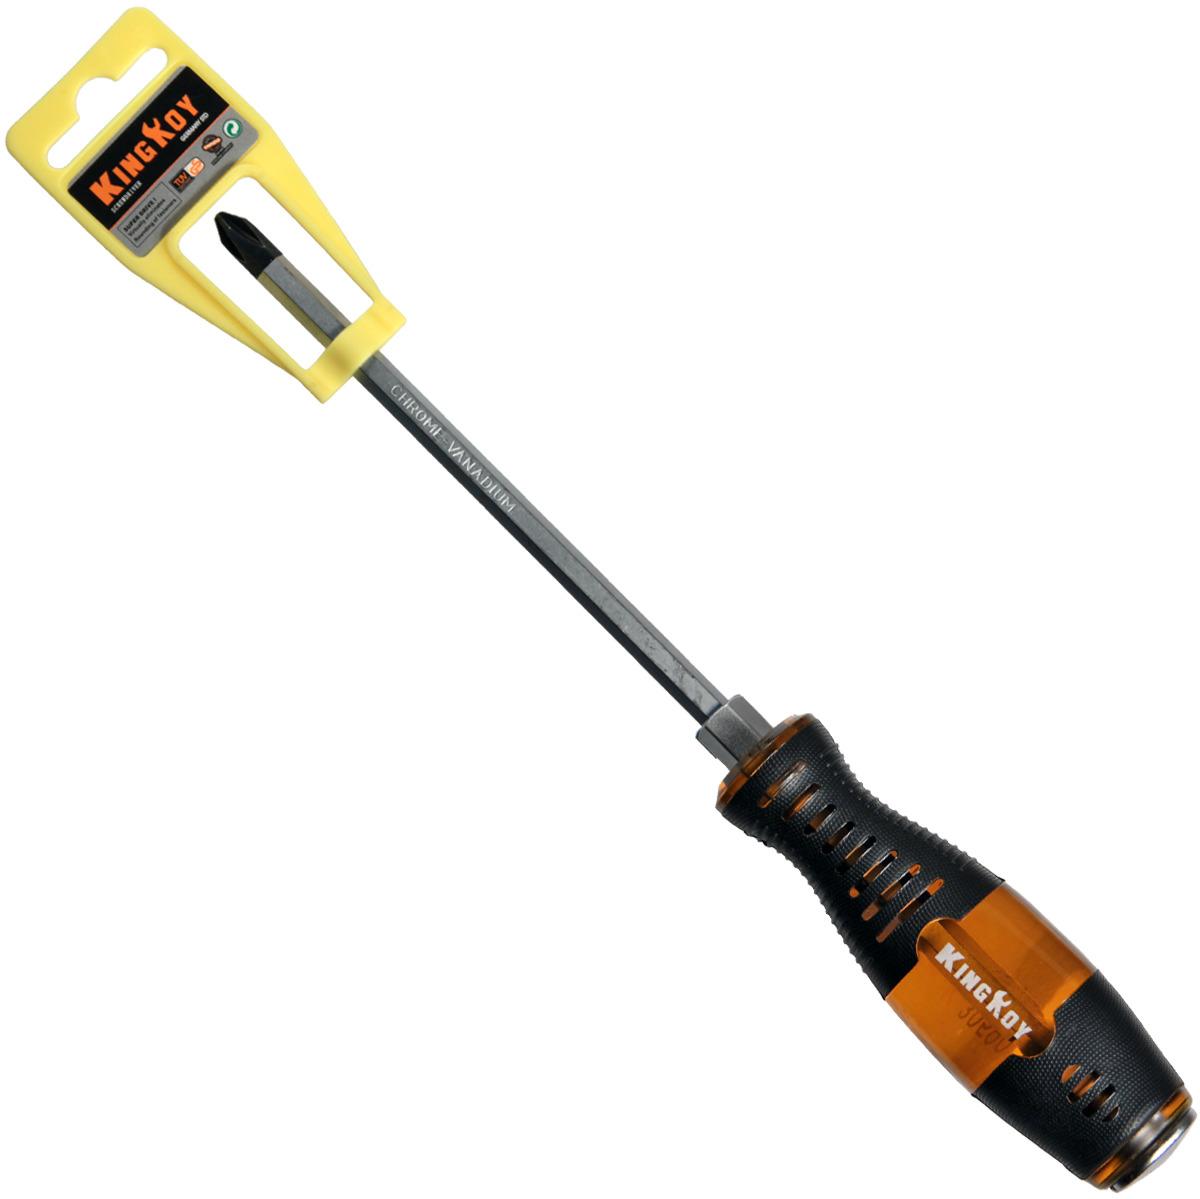 купить Отвертка крестовая King Roy, ударная, с шестигранником под гаечный ключ, 4 х 150 мм онлайн